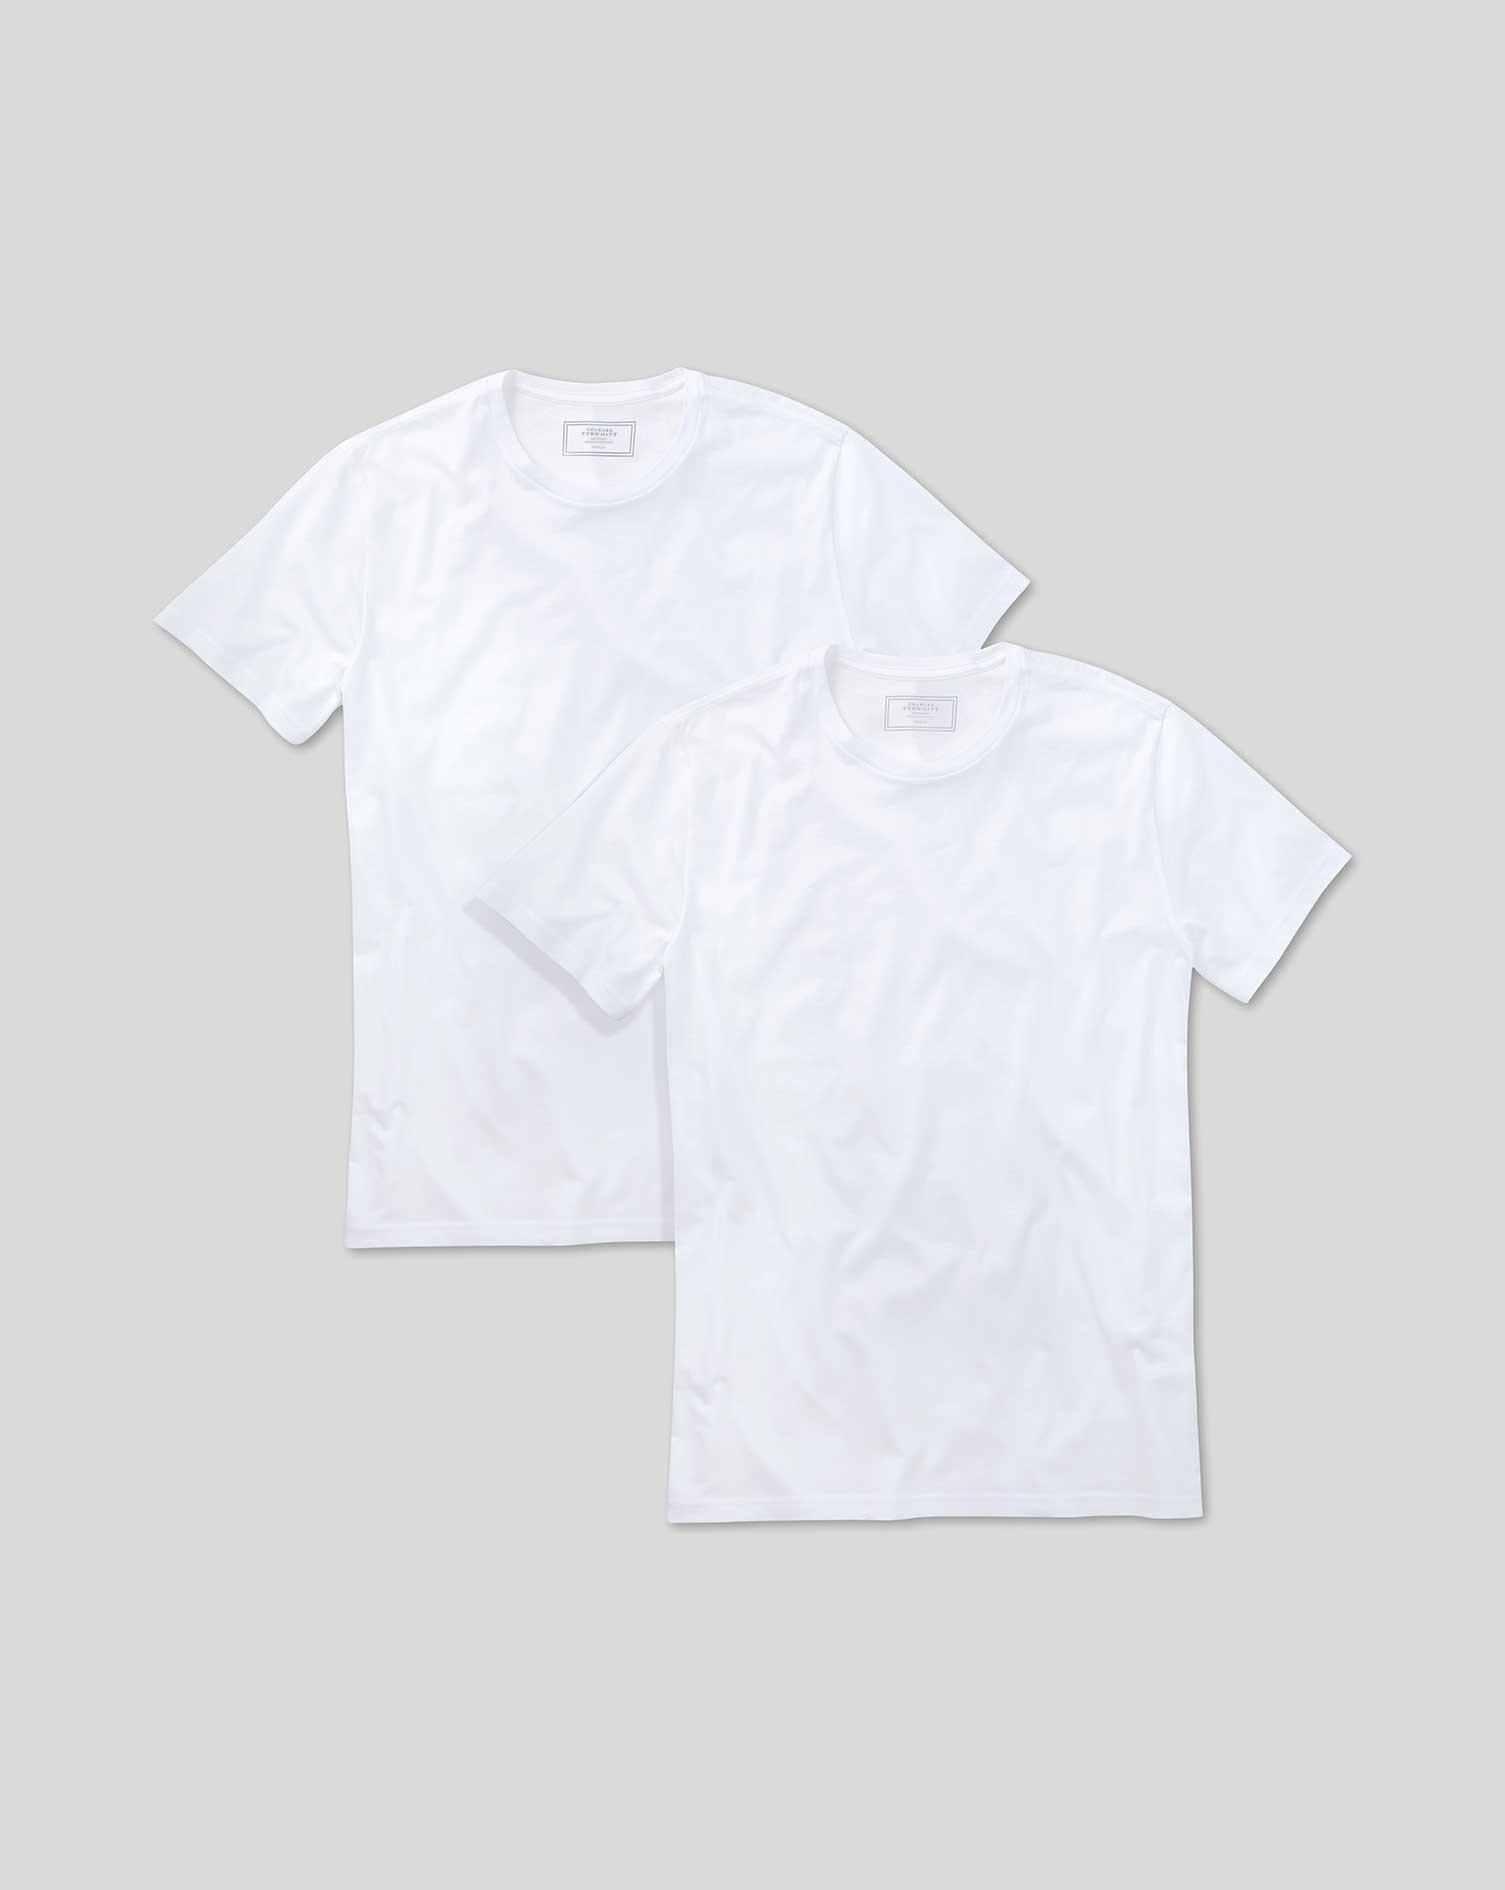 Image of Charles Tyrwhitt 2 Pack Crew Neck Undershirt T-Shirt - White Size XXL by Charles Tyrwhitt